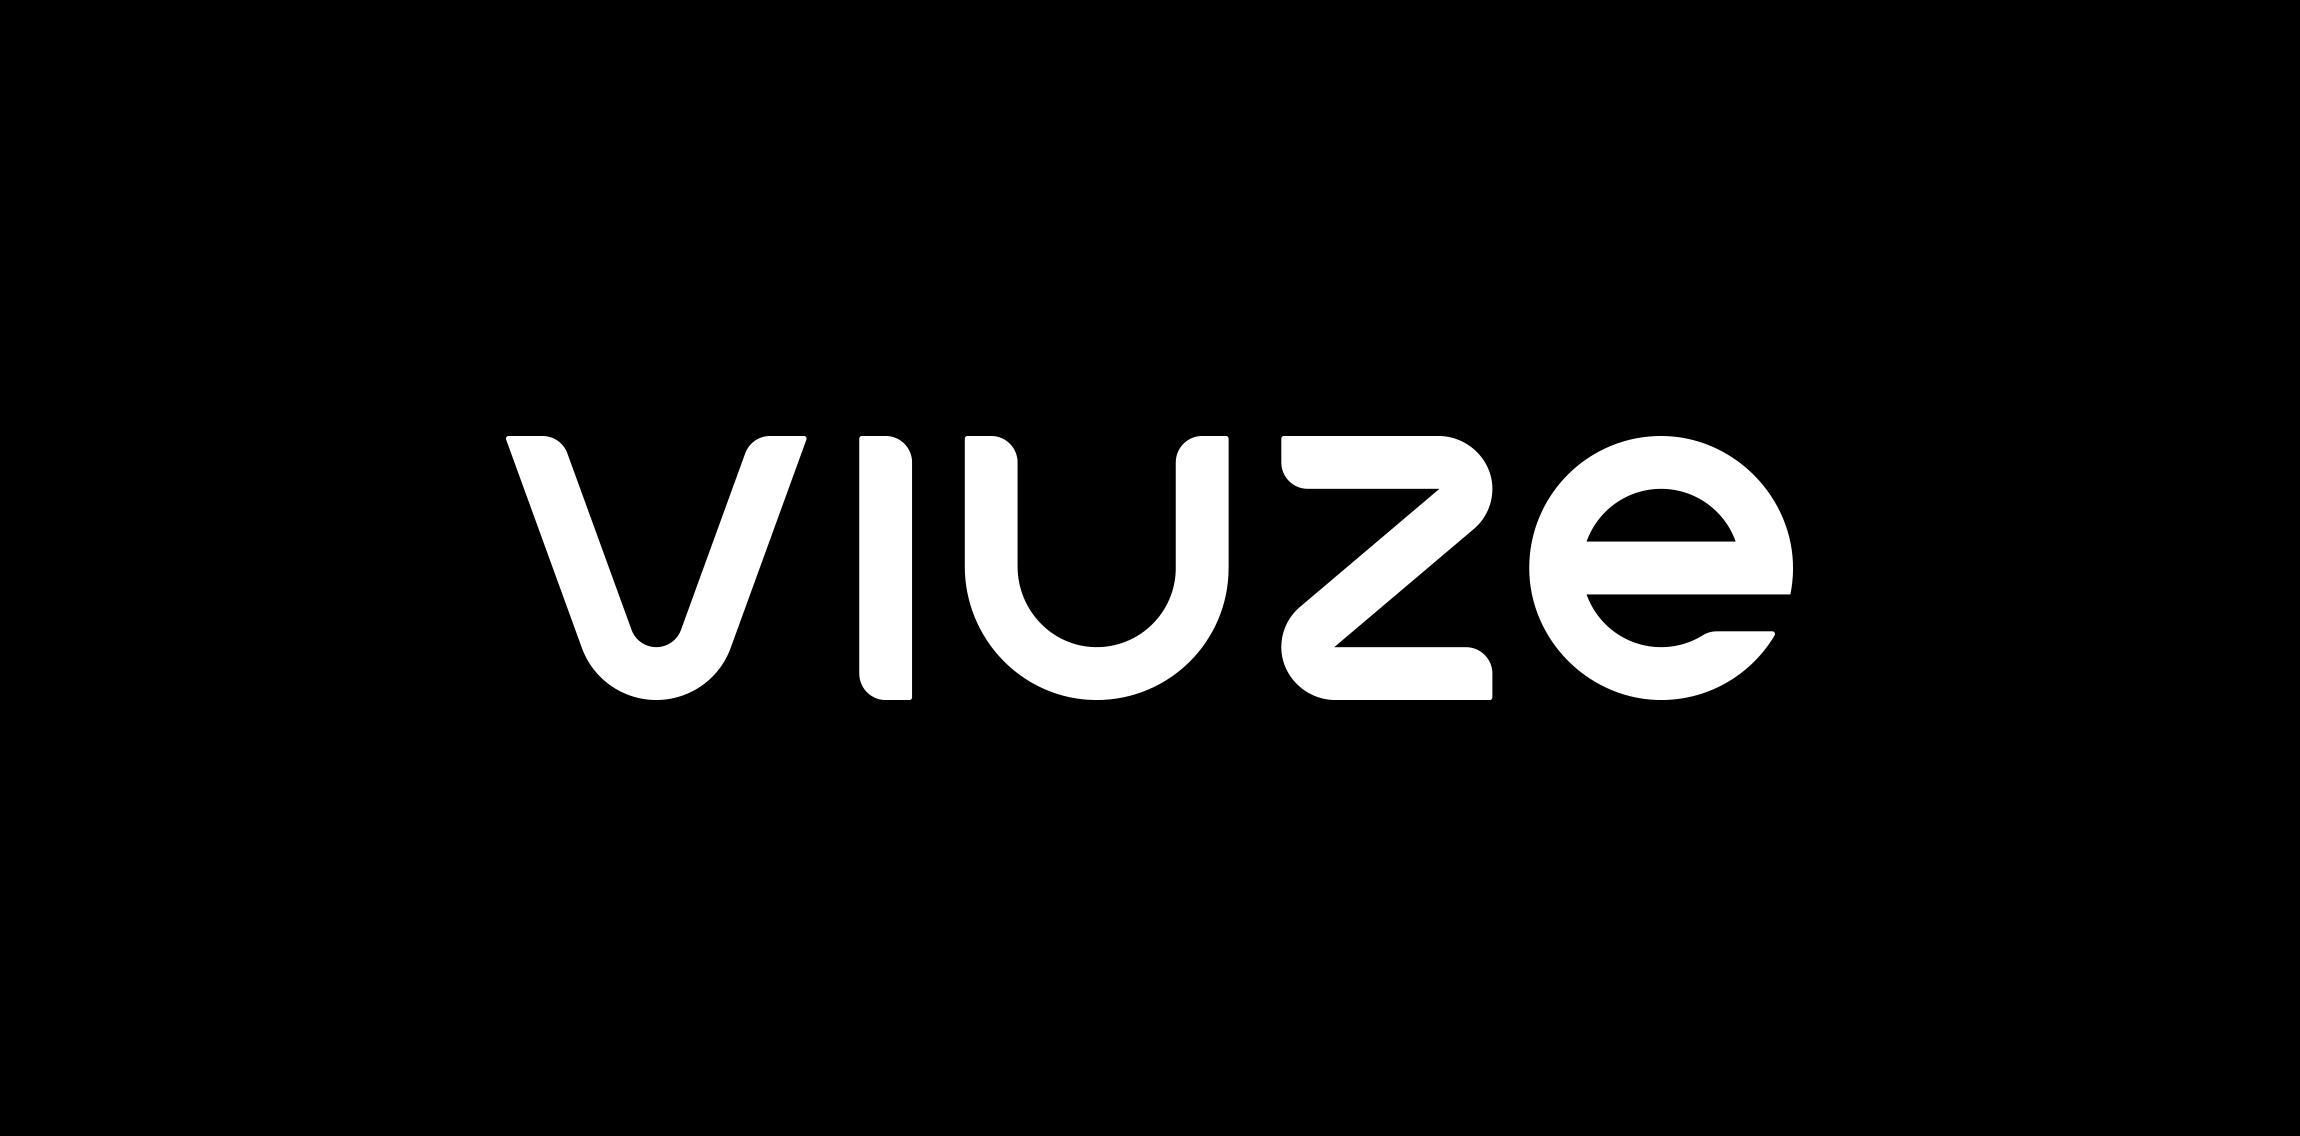 viuze